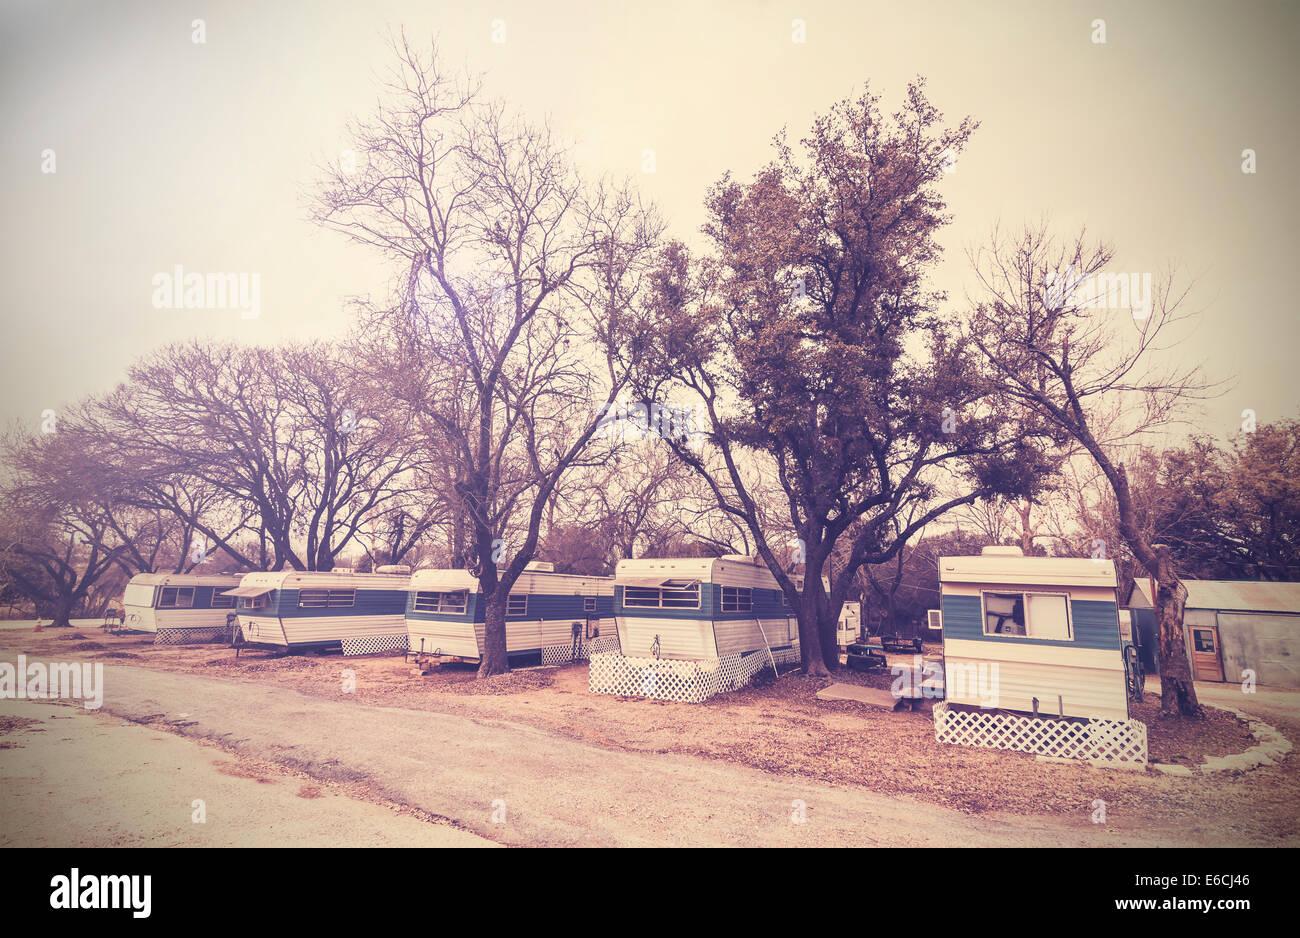 Vintage Bild des amerikanischen Anhänger Anwesen, USA Landschaft. Stockbild